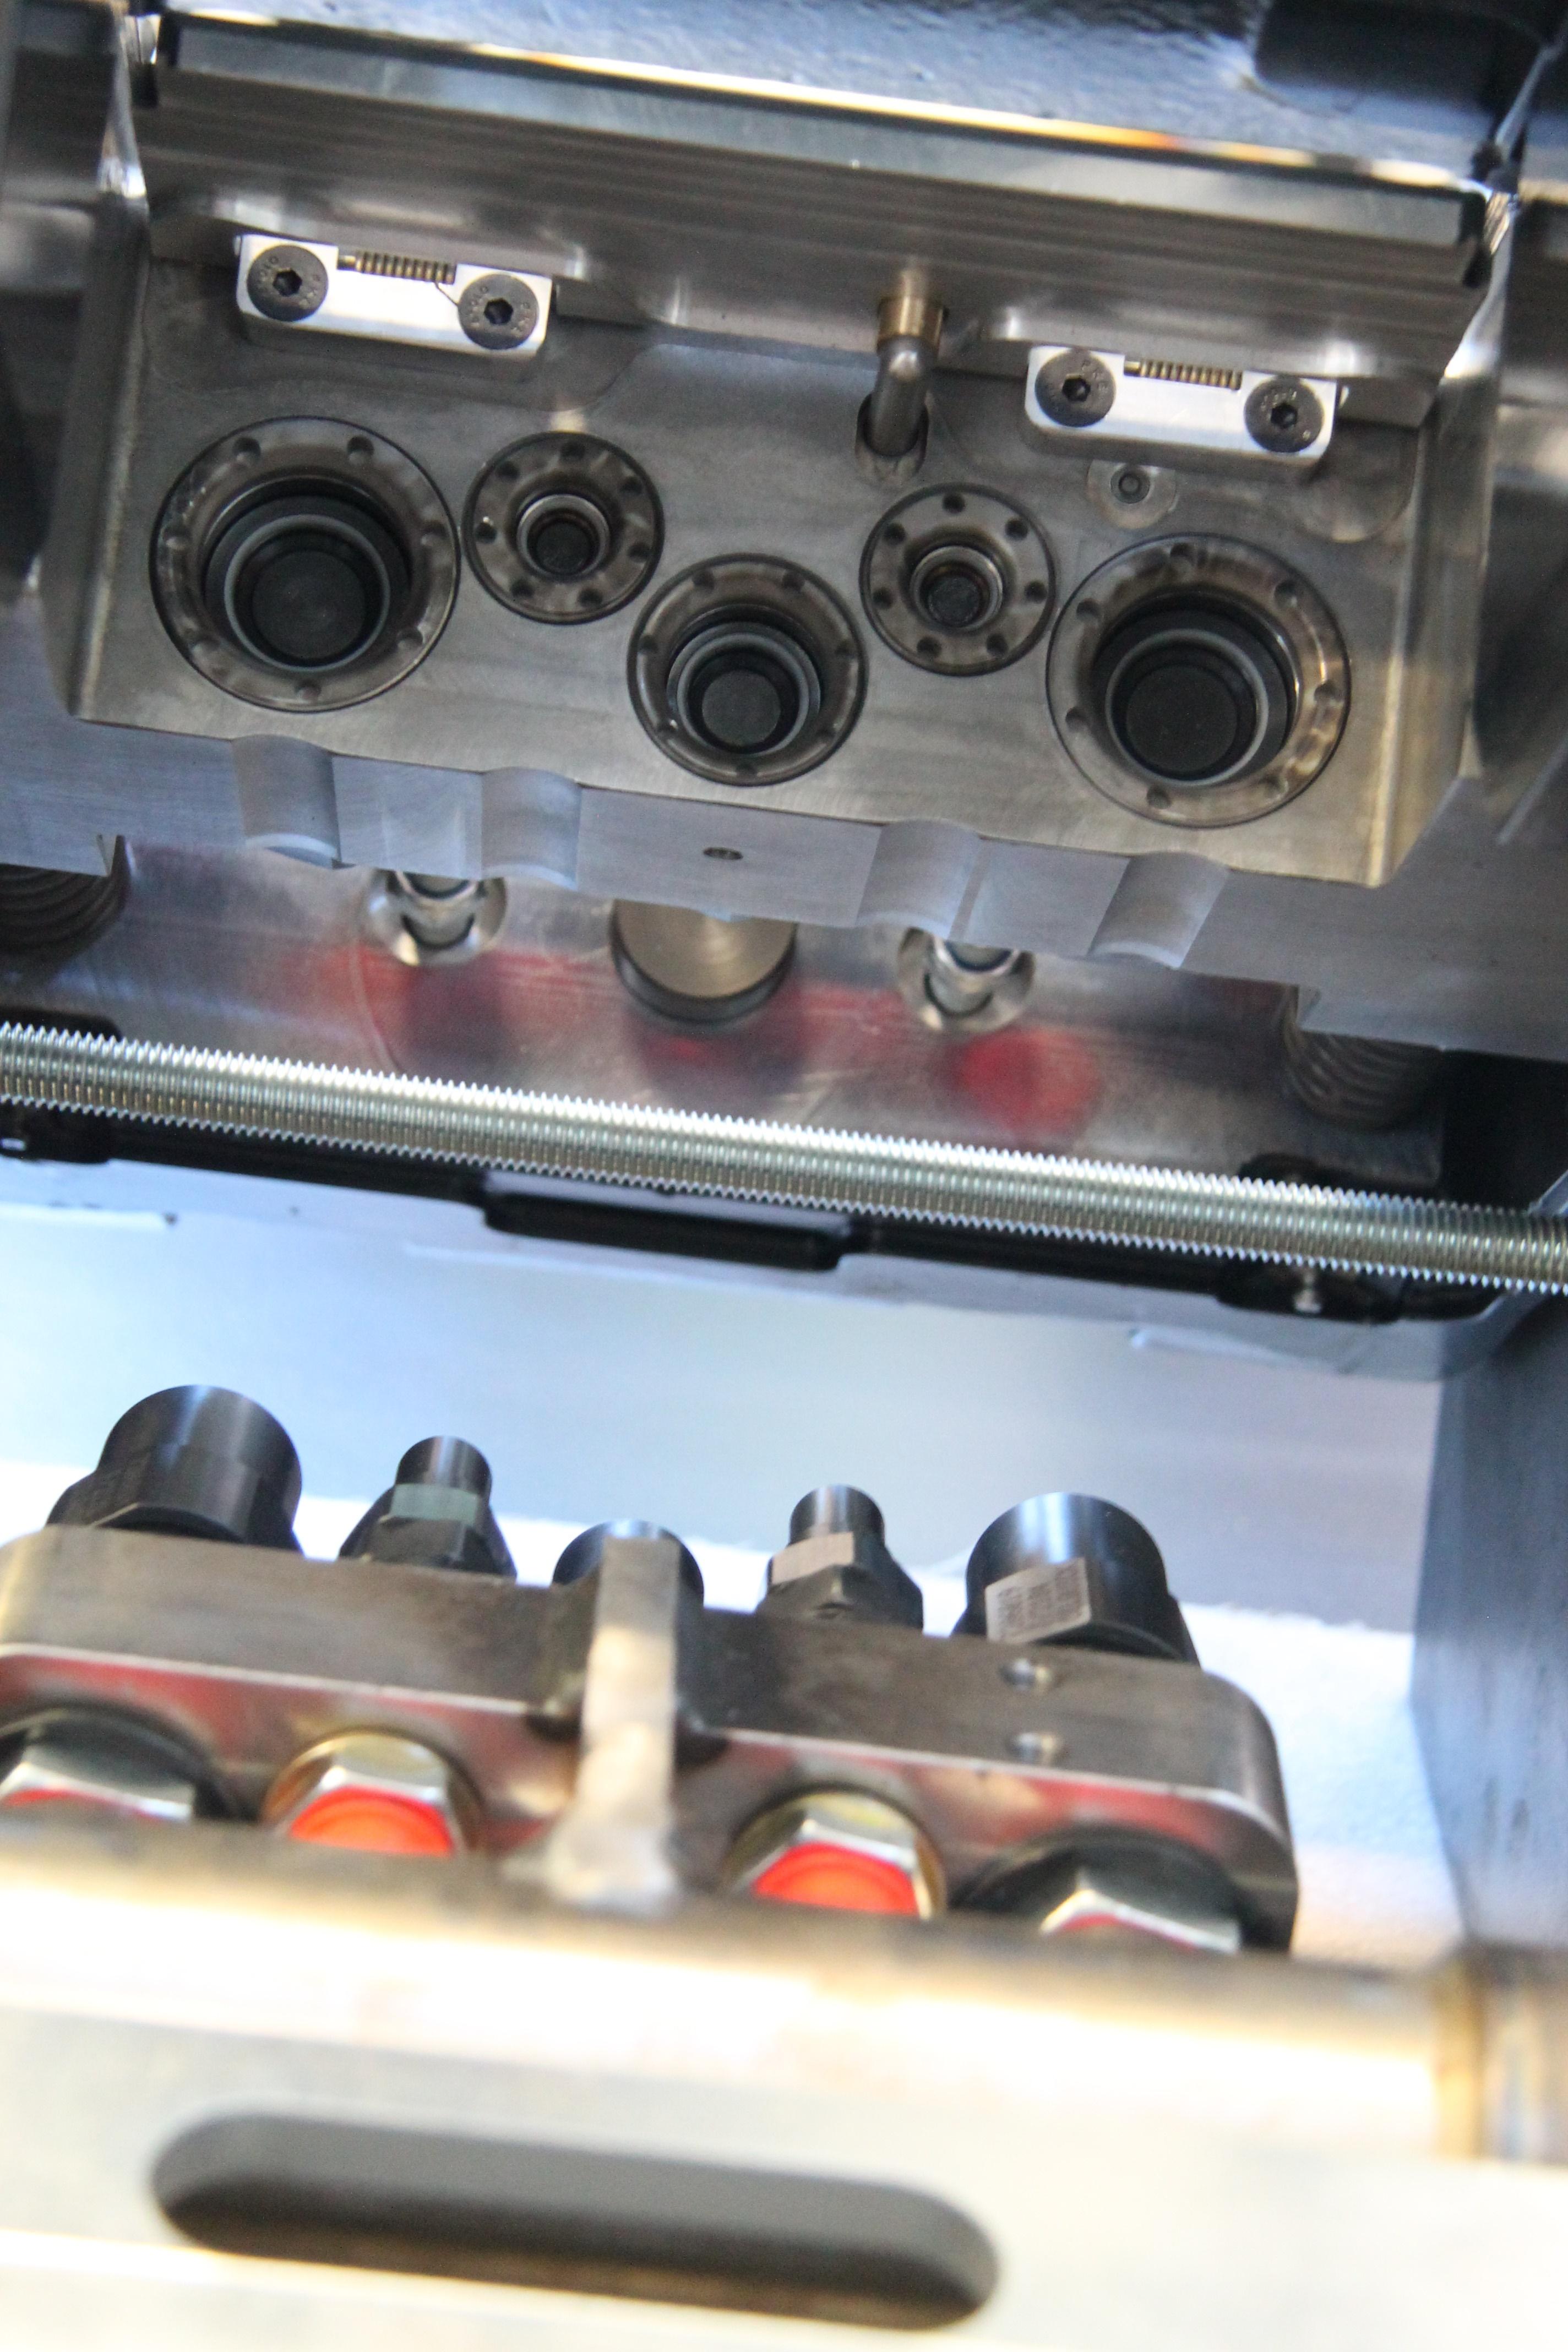 <p>Het SQ-systeem van Steelwrist is volledig uitwisselbaar met OilQuick. De Zweden zien dat systeem van de marktleider de standaard wordt.</p>